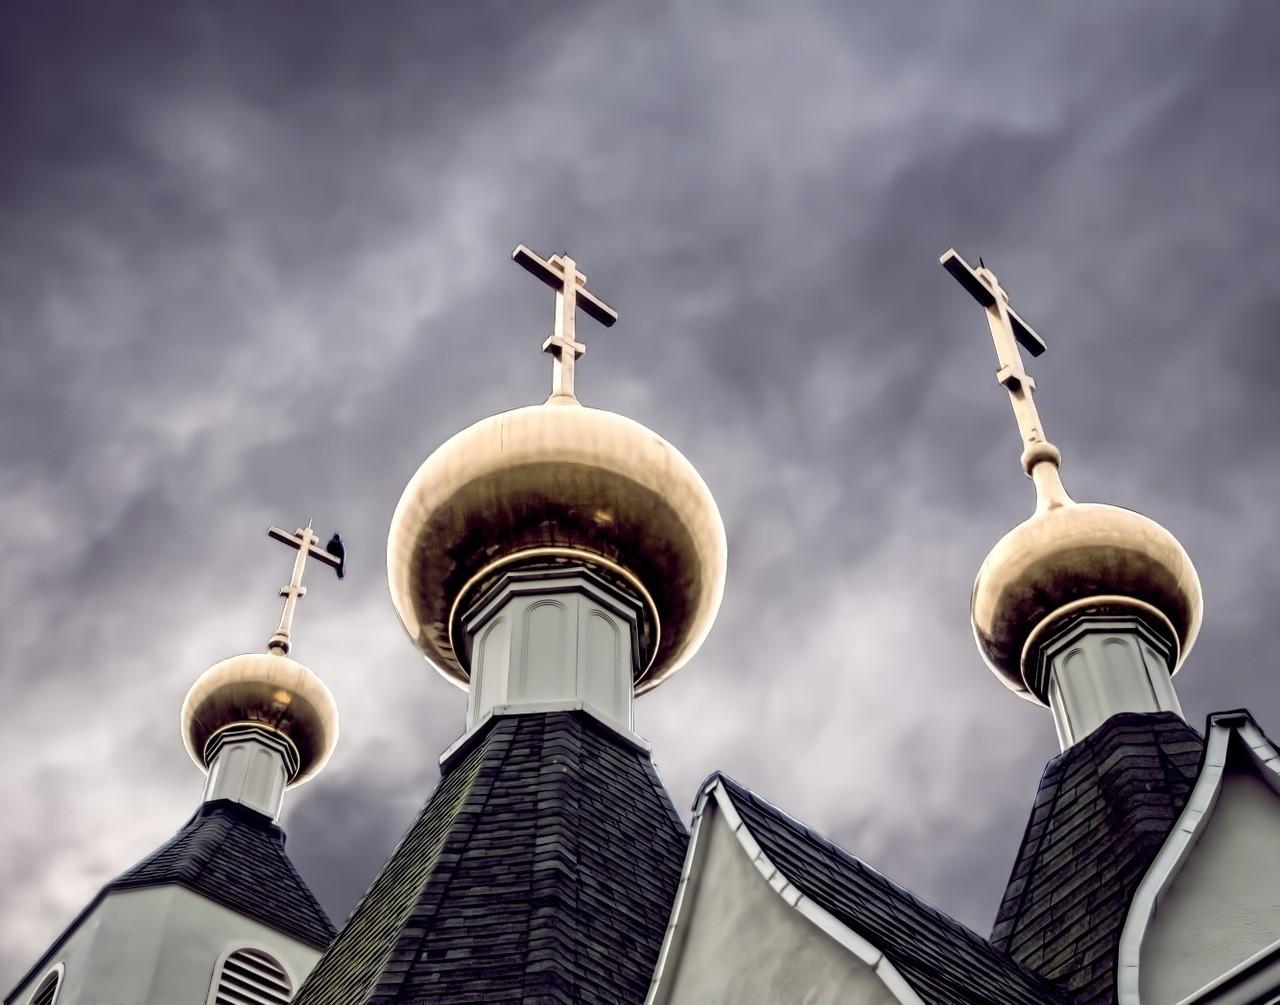 Catholic Crosses on Roof.jpg